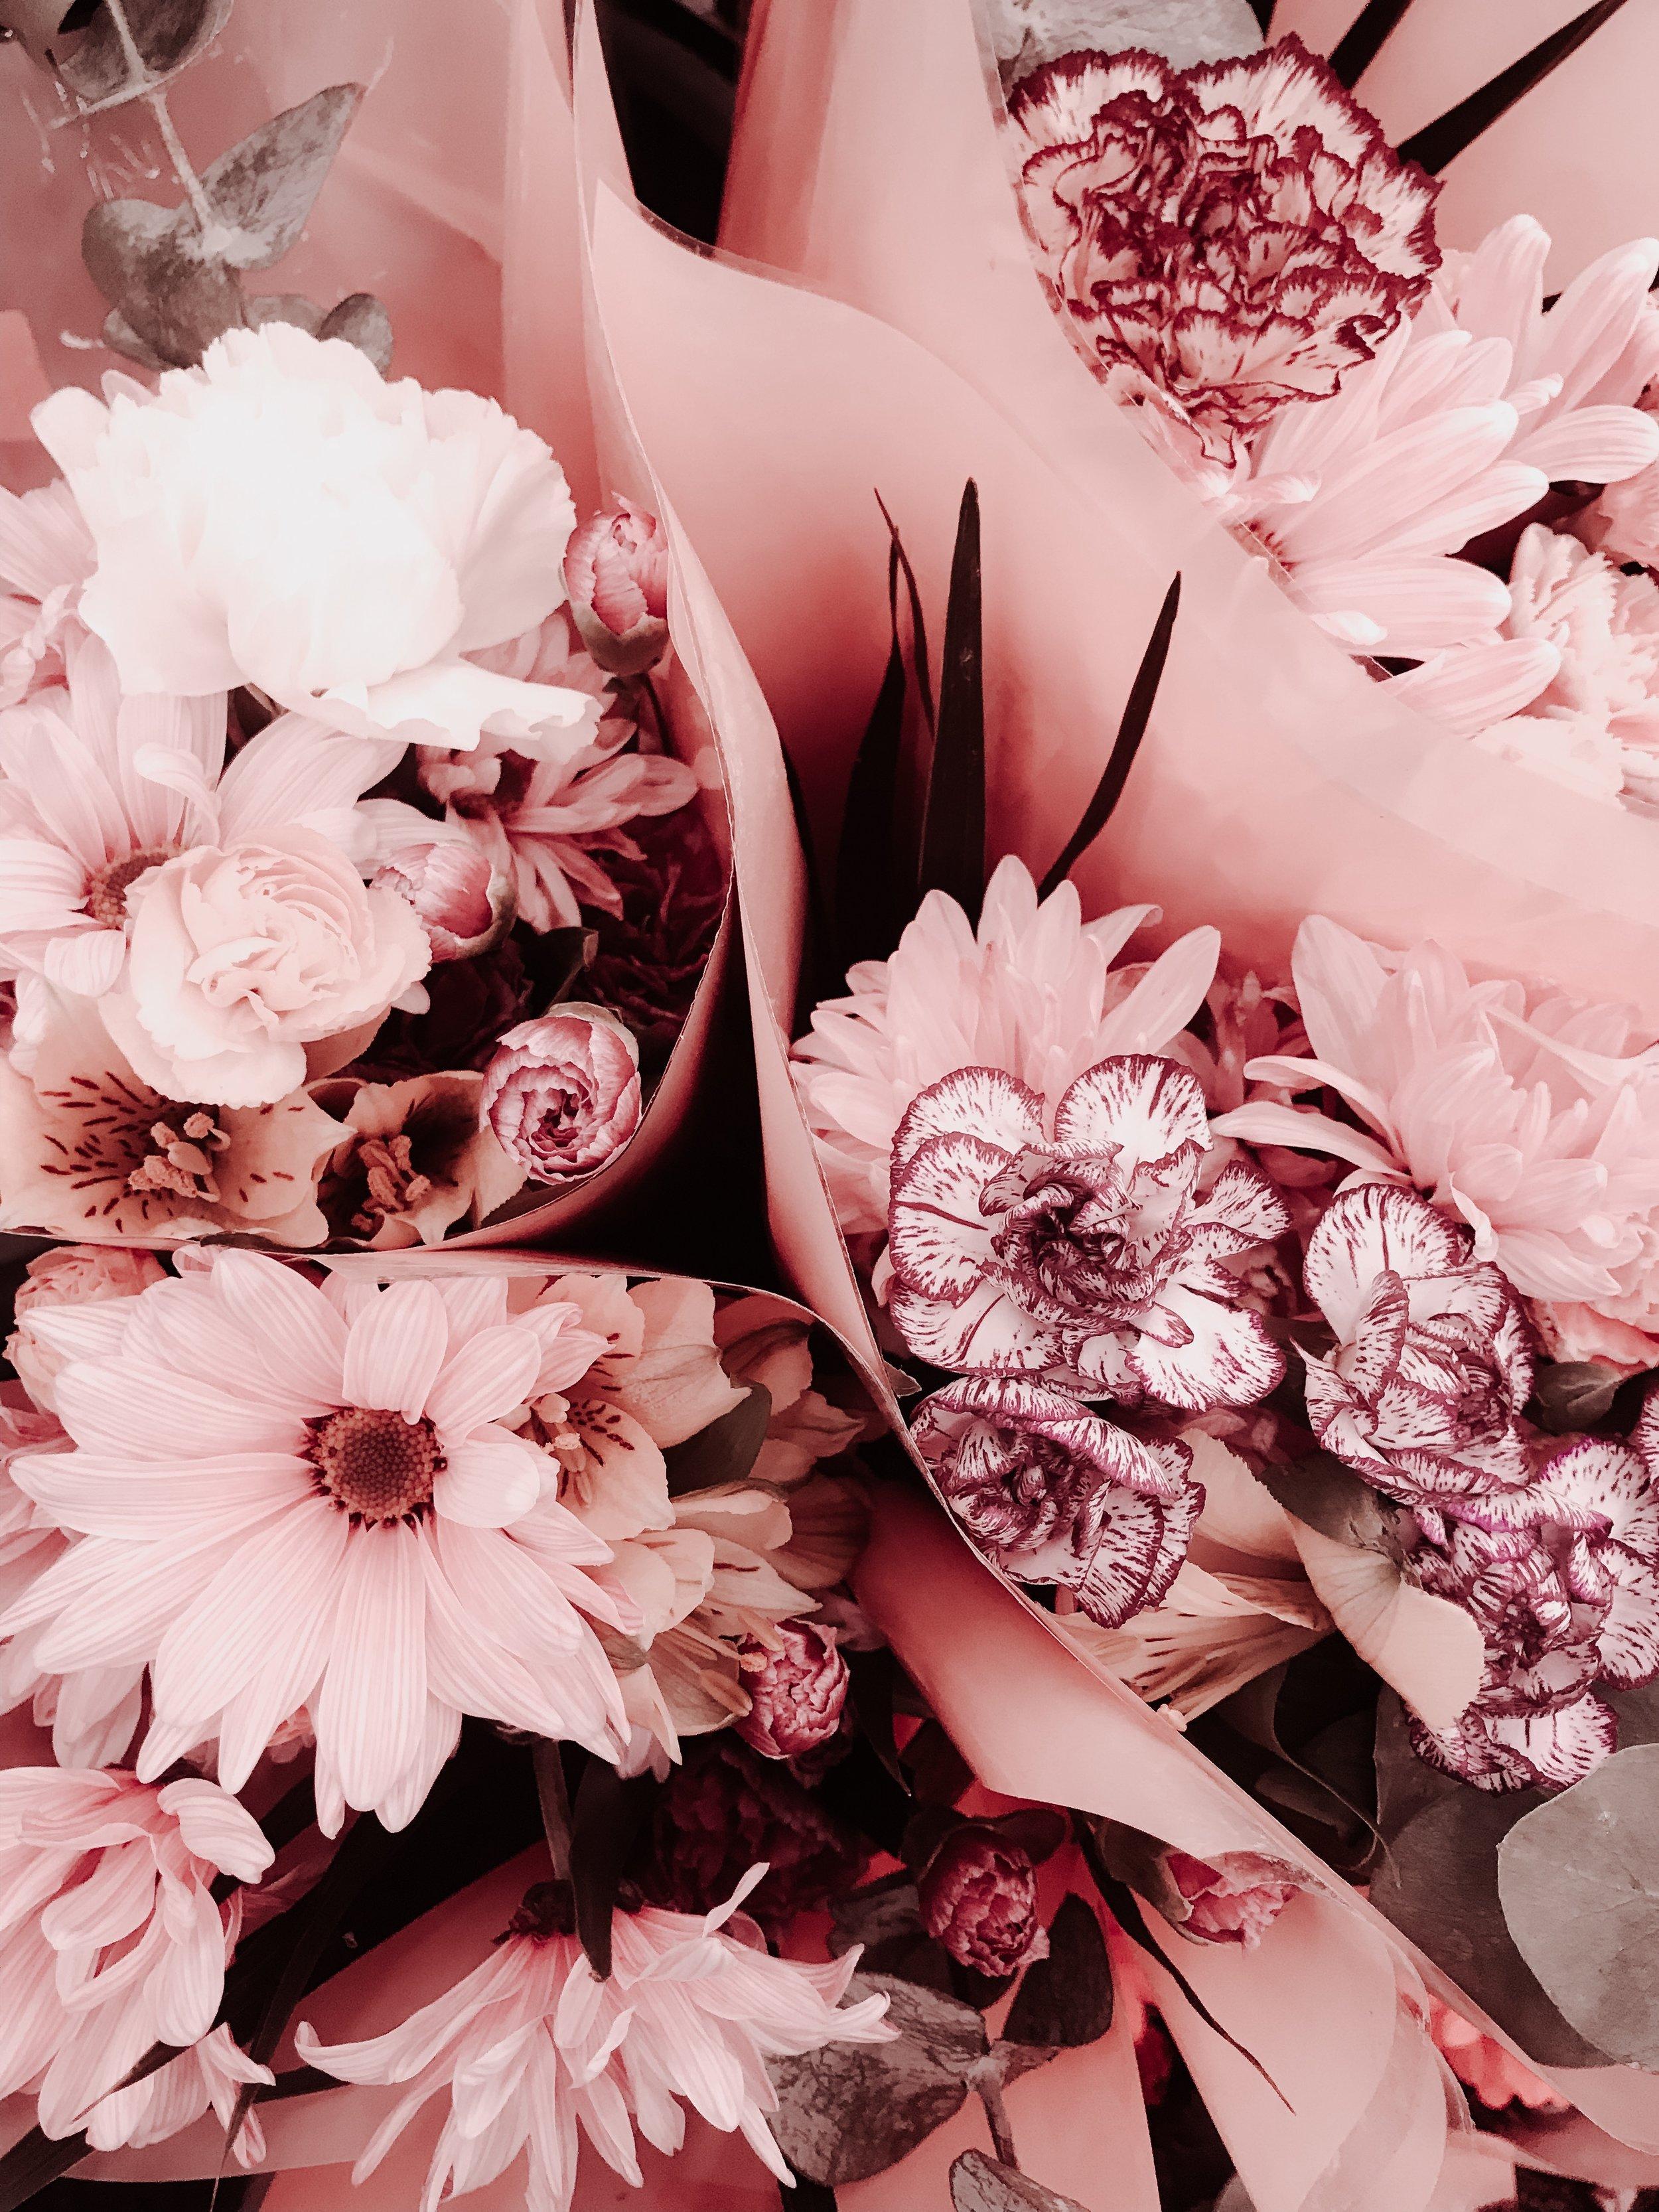 apirl flowers.jpeg